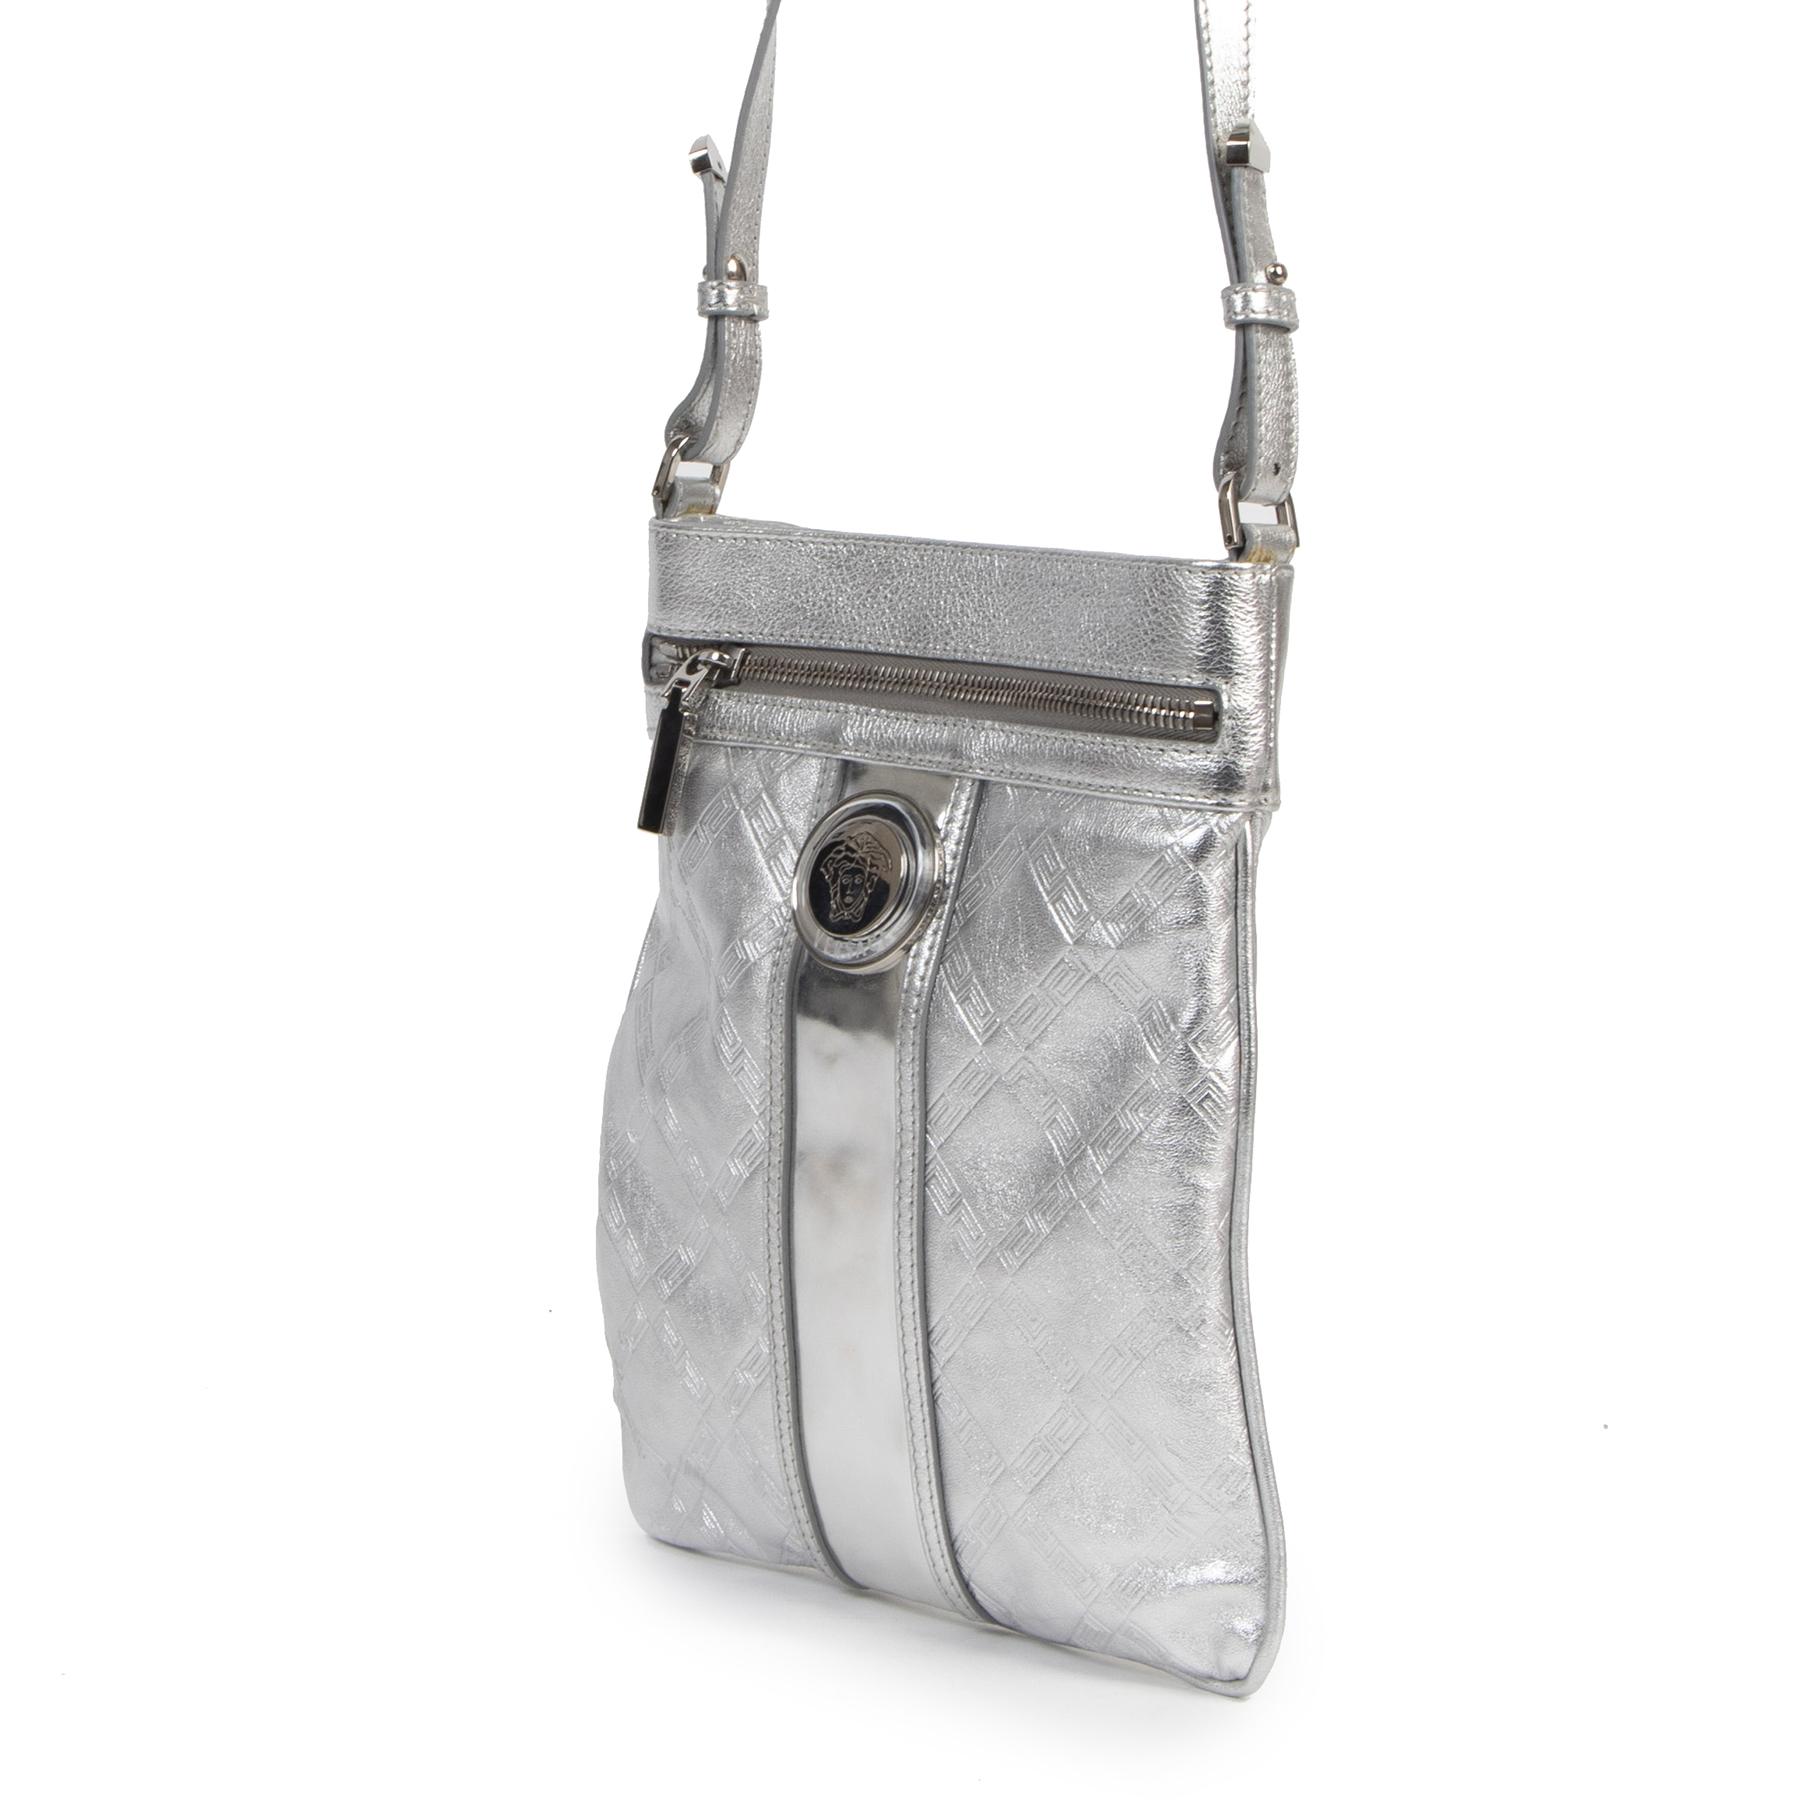 Authentieke Tweedehands Versace Silver Messenger Crossbody Bag juiste prijs veilig online shoppen luxe merken webshop winkelen Antwerpen België mode fashion